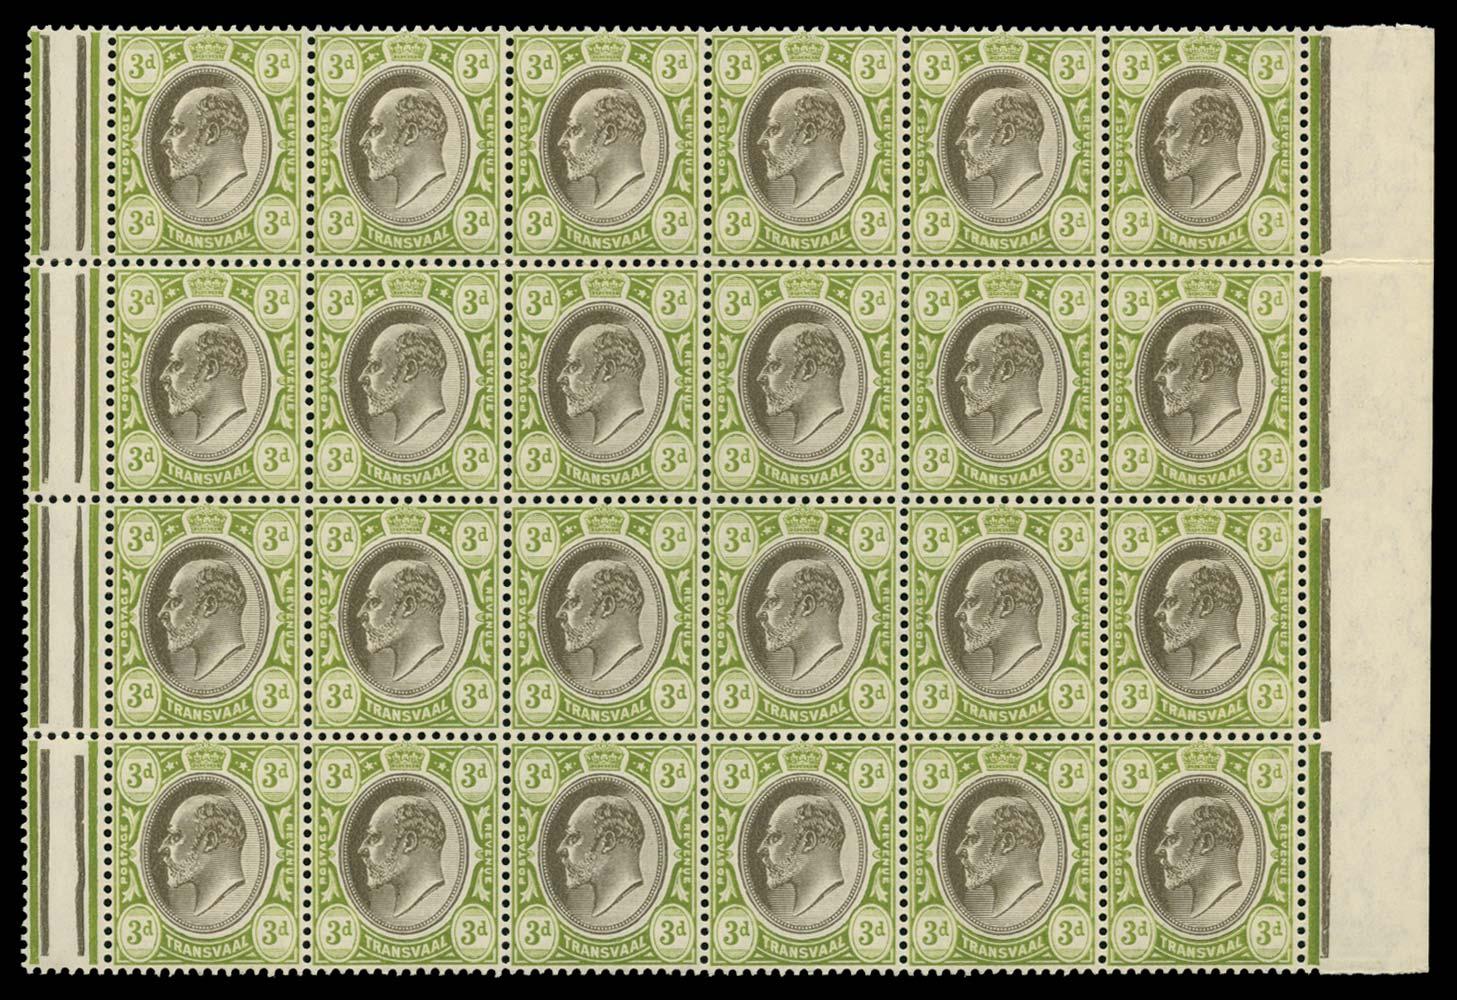 TRANSVAAL 1904-09  SG264 Mint